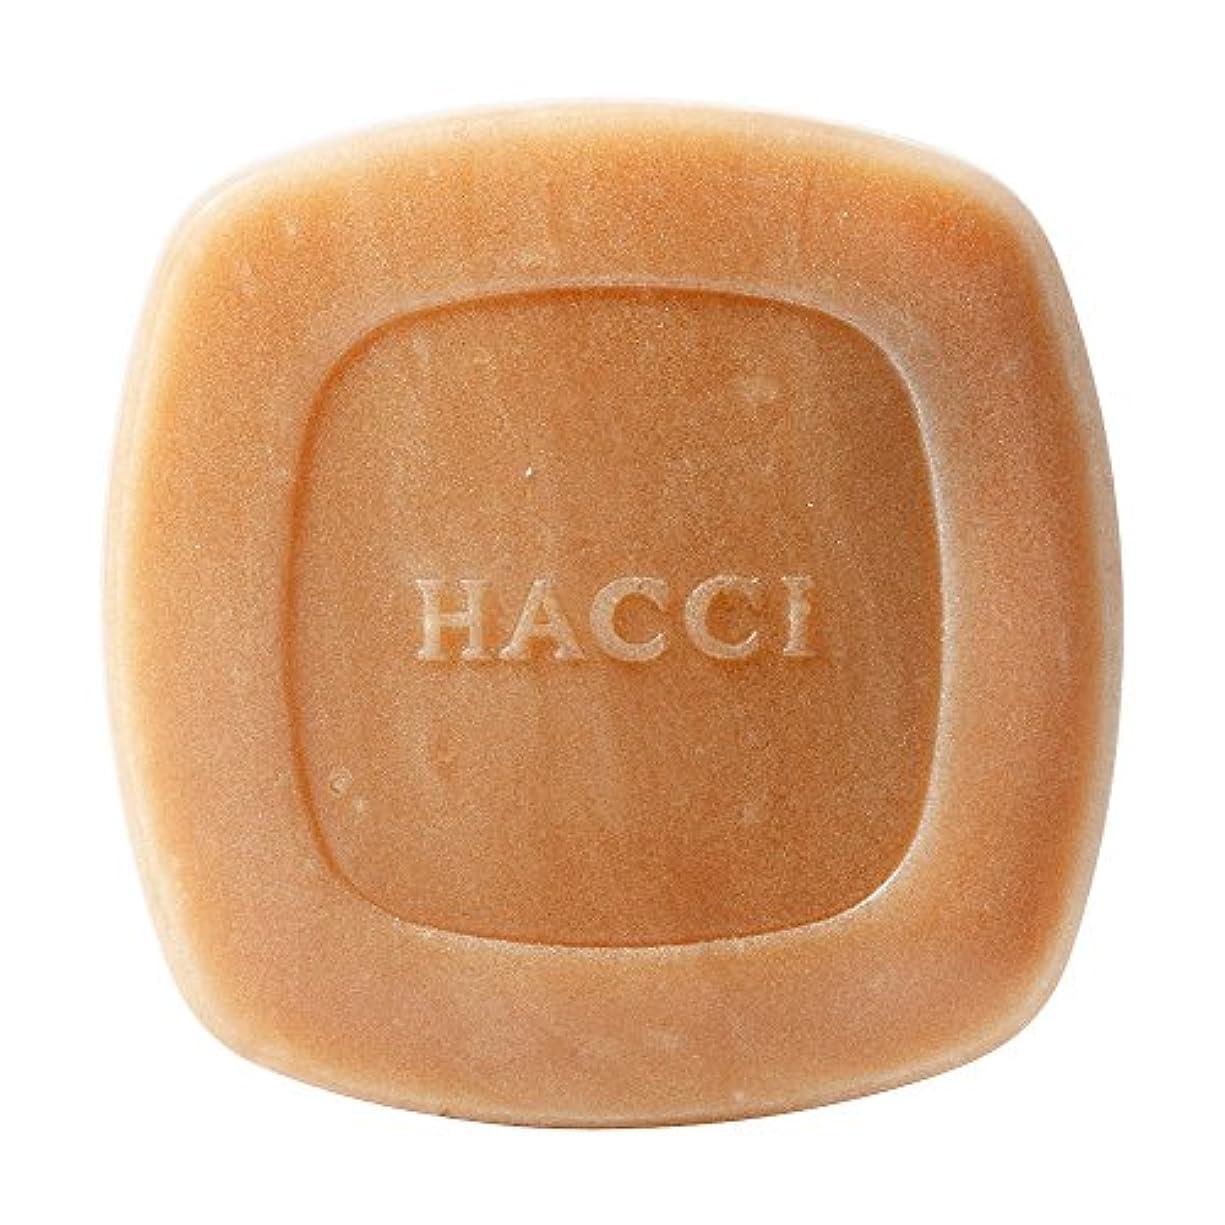 毒スクラップブック洞察力のあるHACCI 1912(ハッチ1912) はちみつ洗顔石けん 80g